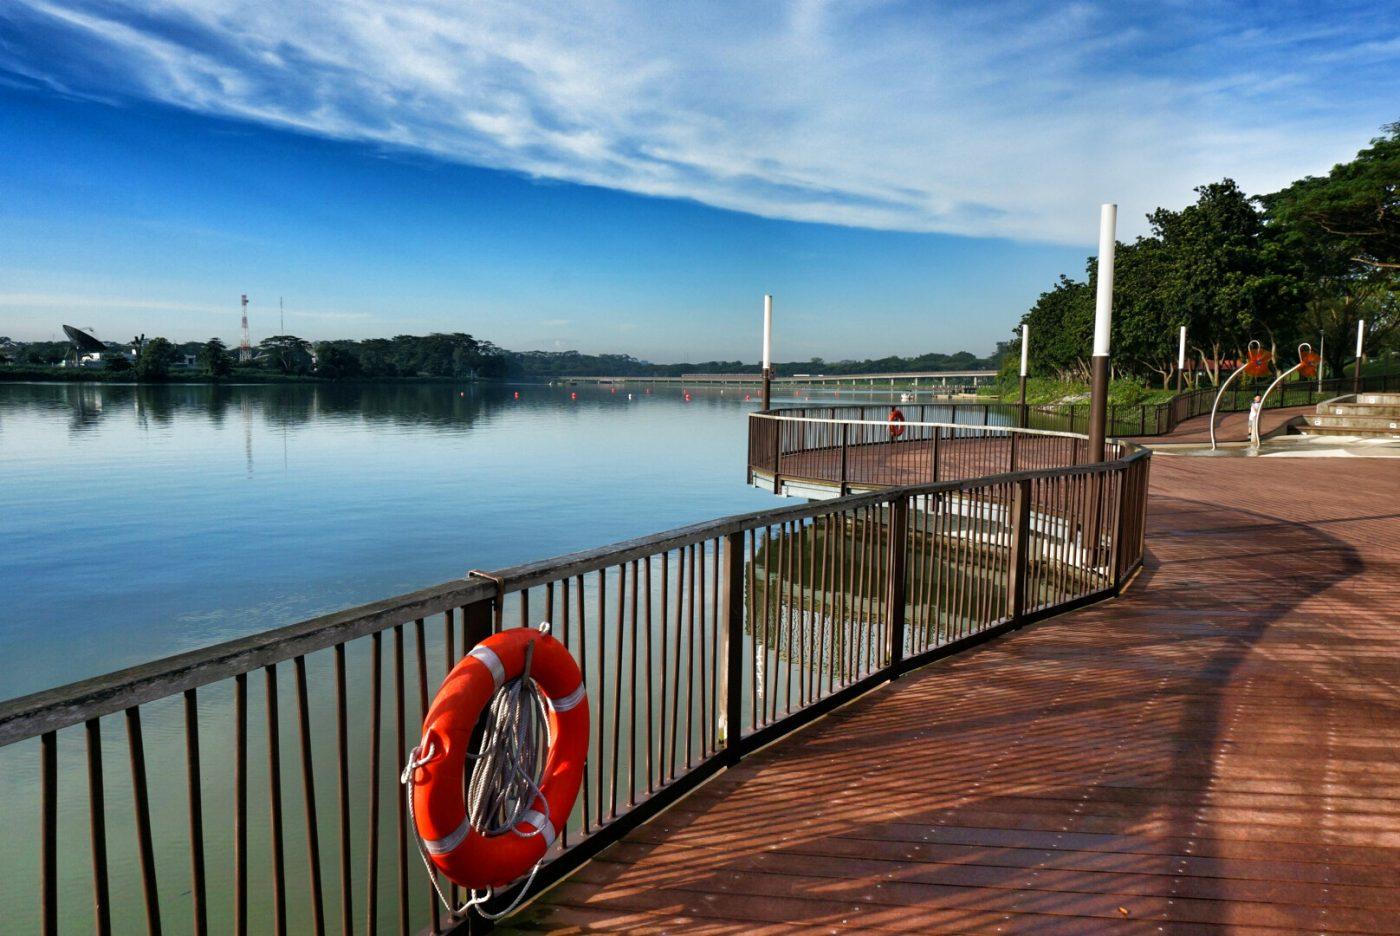 دریاچه ای لوور سلتار سنگاپور - پارک دریاچه ای لوور سلتار سنگاپور